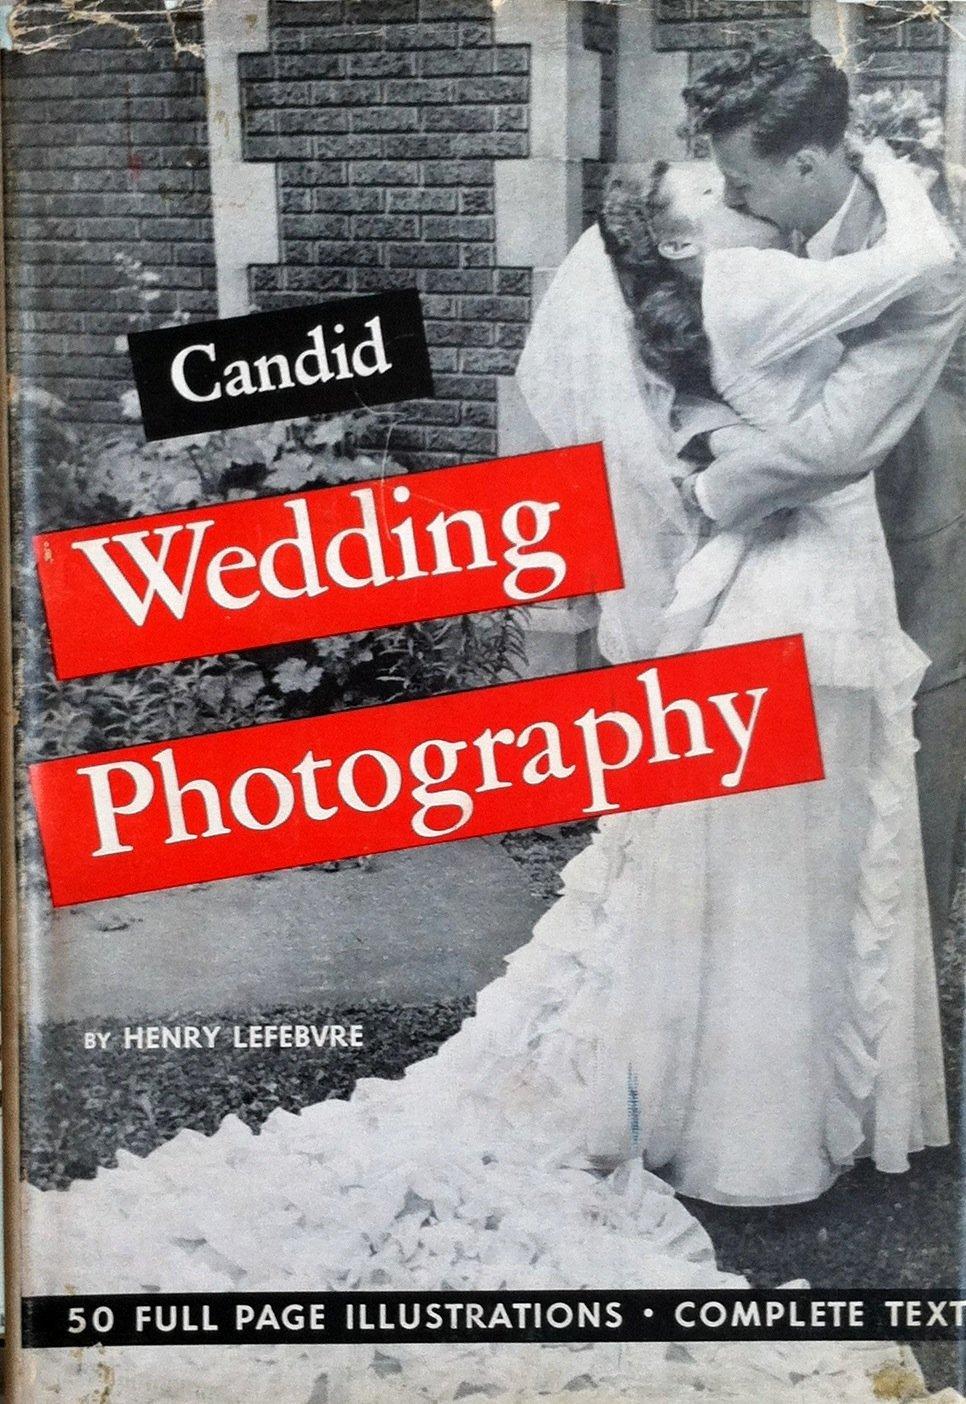 Candid Wedding Photography.